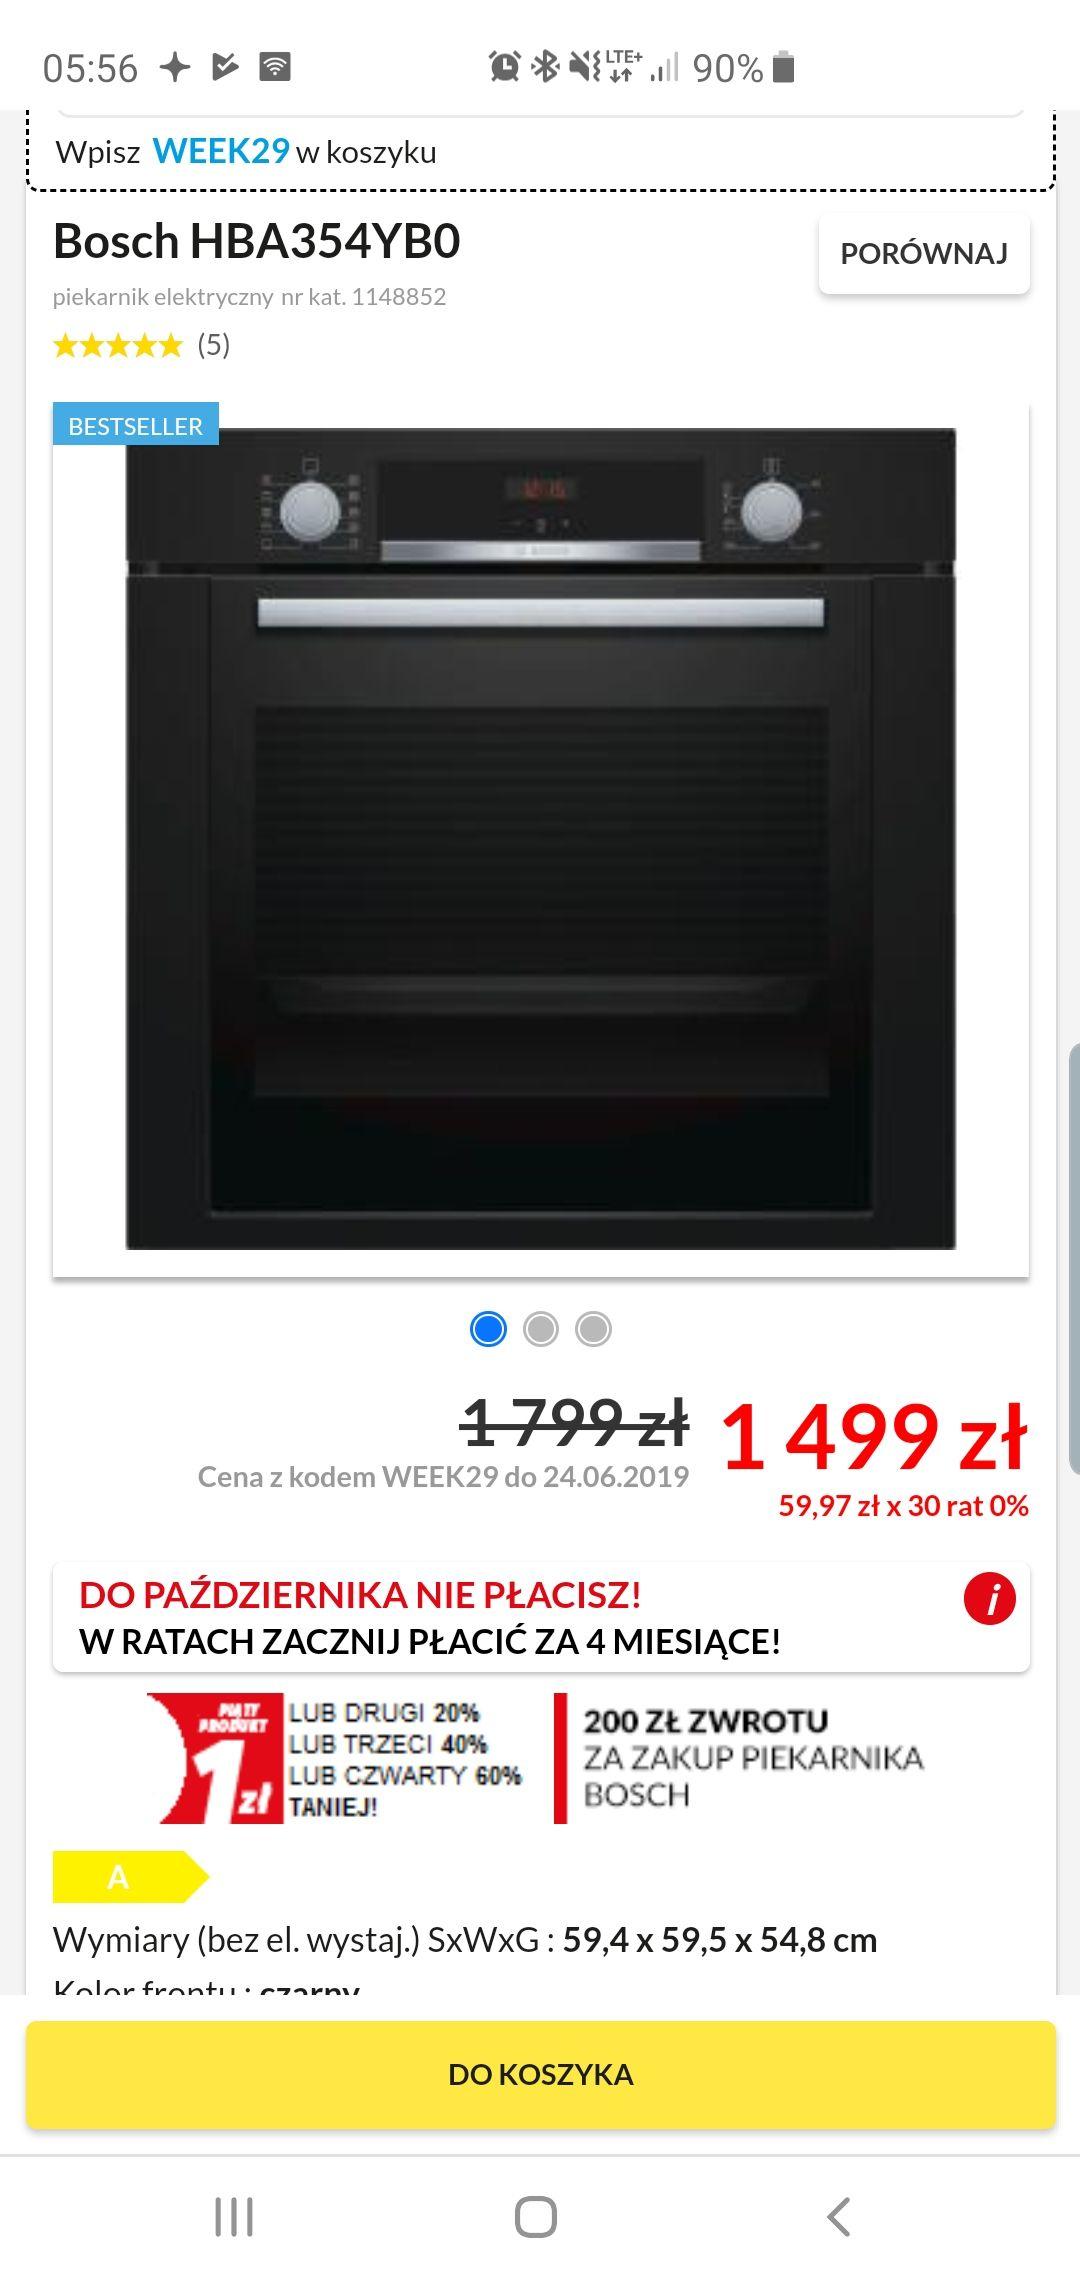 Piekarnik Bosch HBA354YB0 możliwy cashback 200zł - 1299.